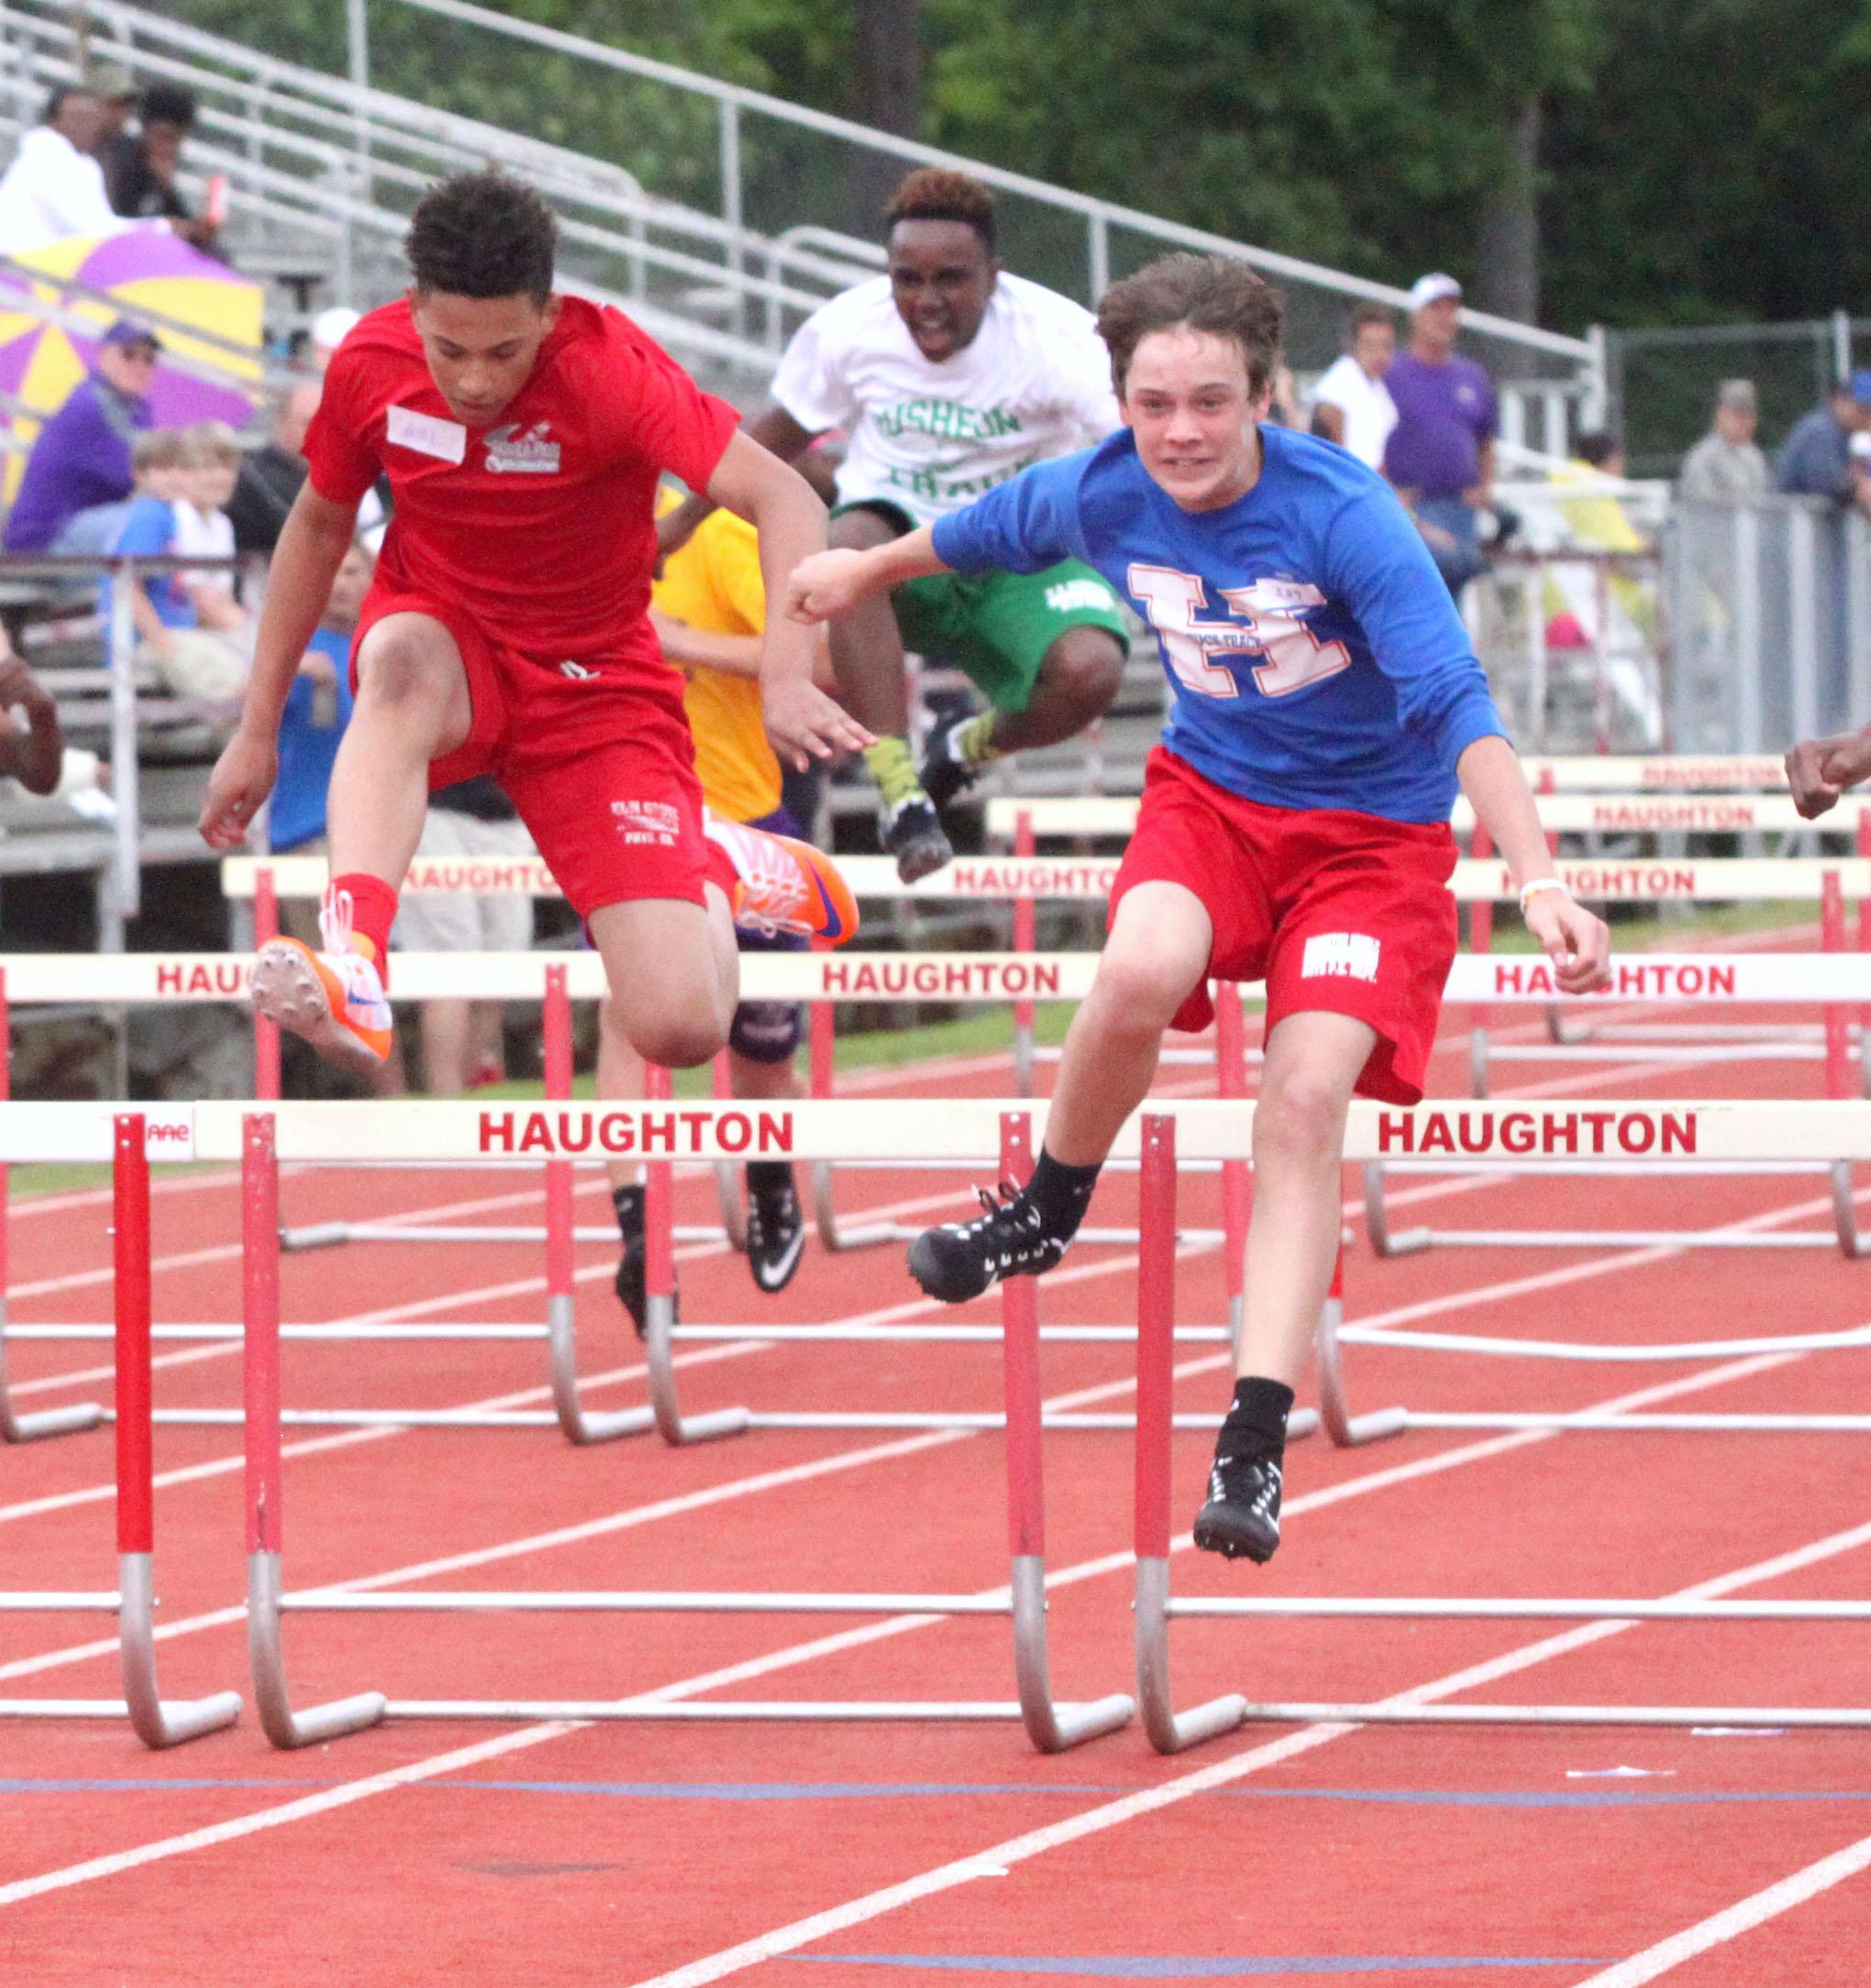 kinkaid middle school track meet 2015